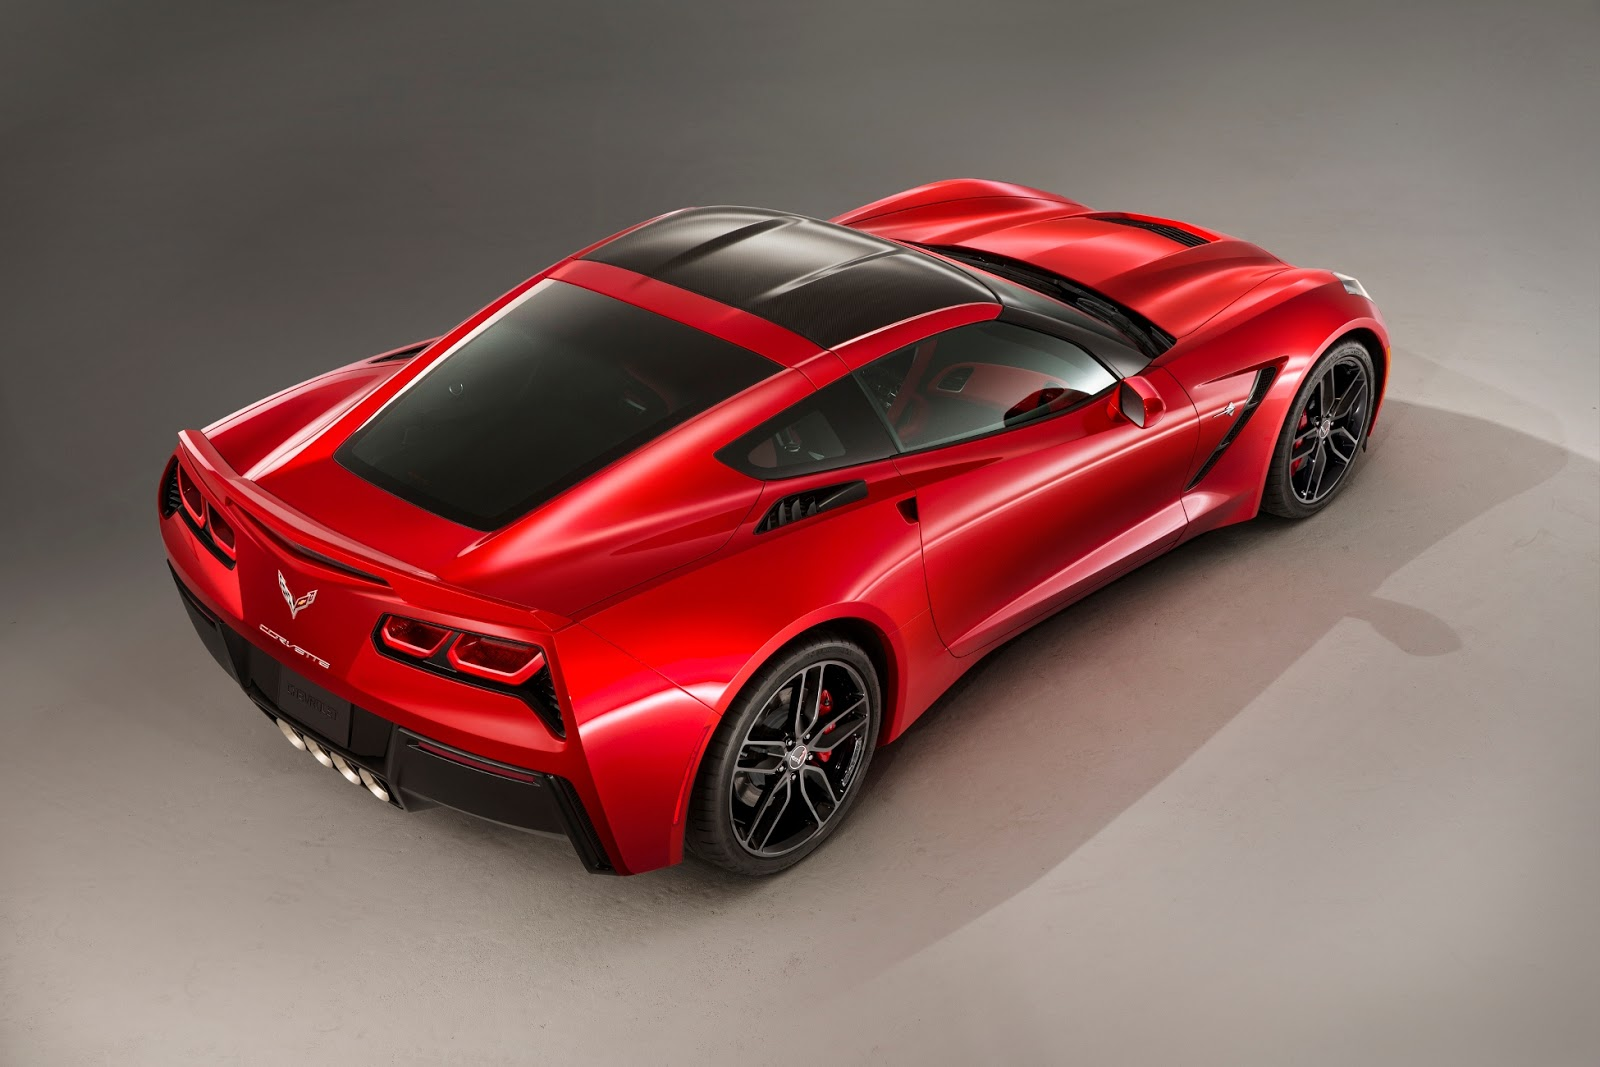 http://4.bp.blogspot.com/-RZFpYpBBEPE/UPR1ThSAACI/AAAAAAAAF7U/DyMucXNtiI8/s1600/2014-Chevrolet-Corvette-057_low.jpg